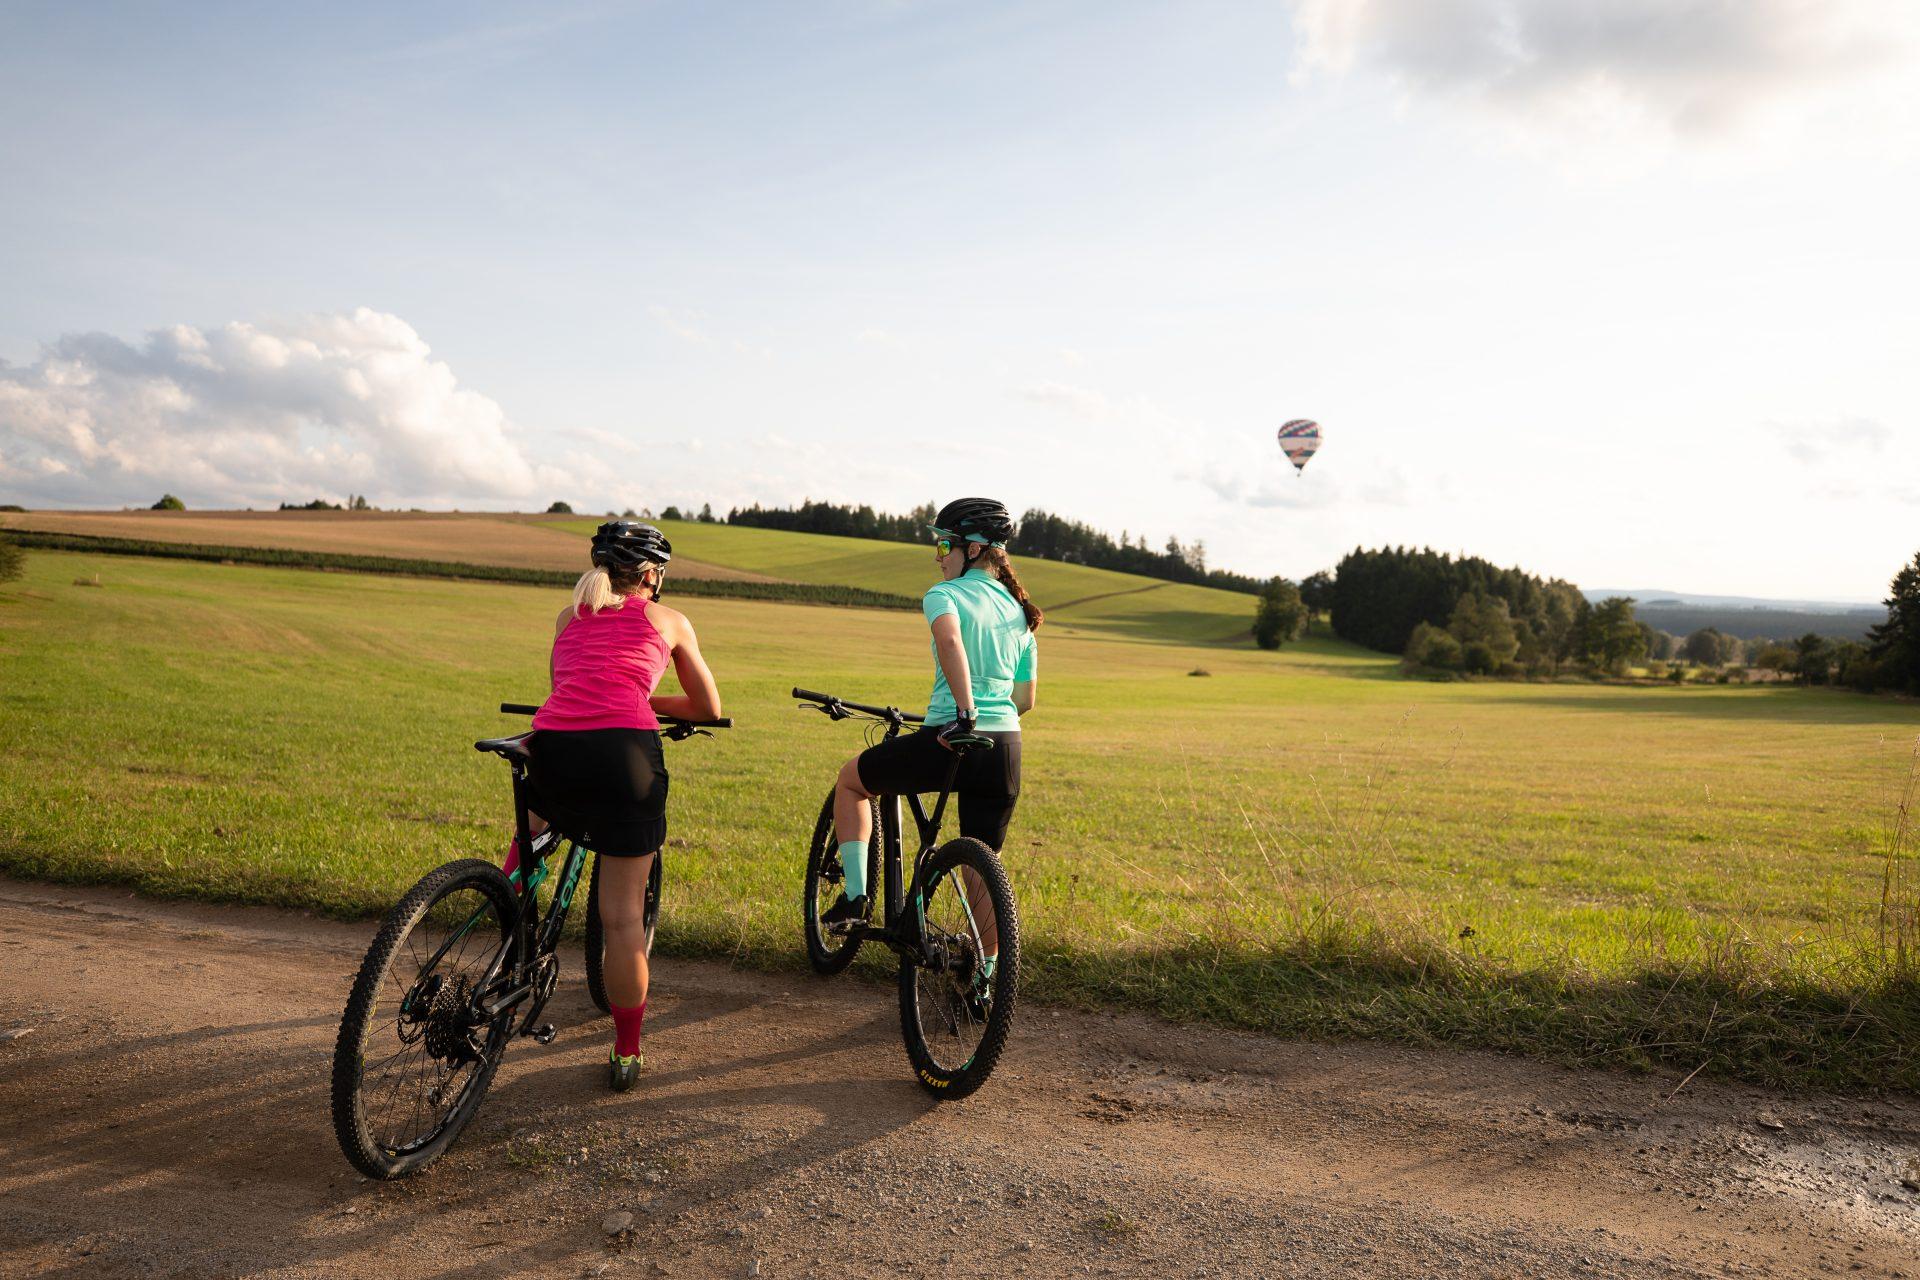 Přímé porovnání. Vpravo cyklistika v klasických kraťasech, vlevo bikerka s cyklosukní. Foto: craft